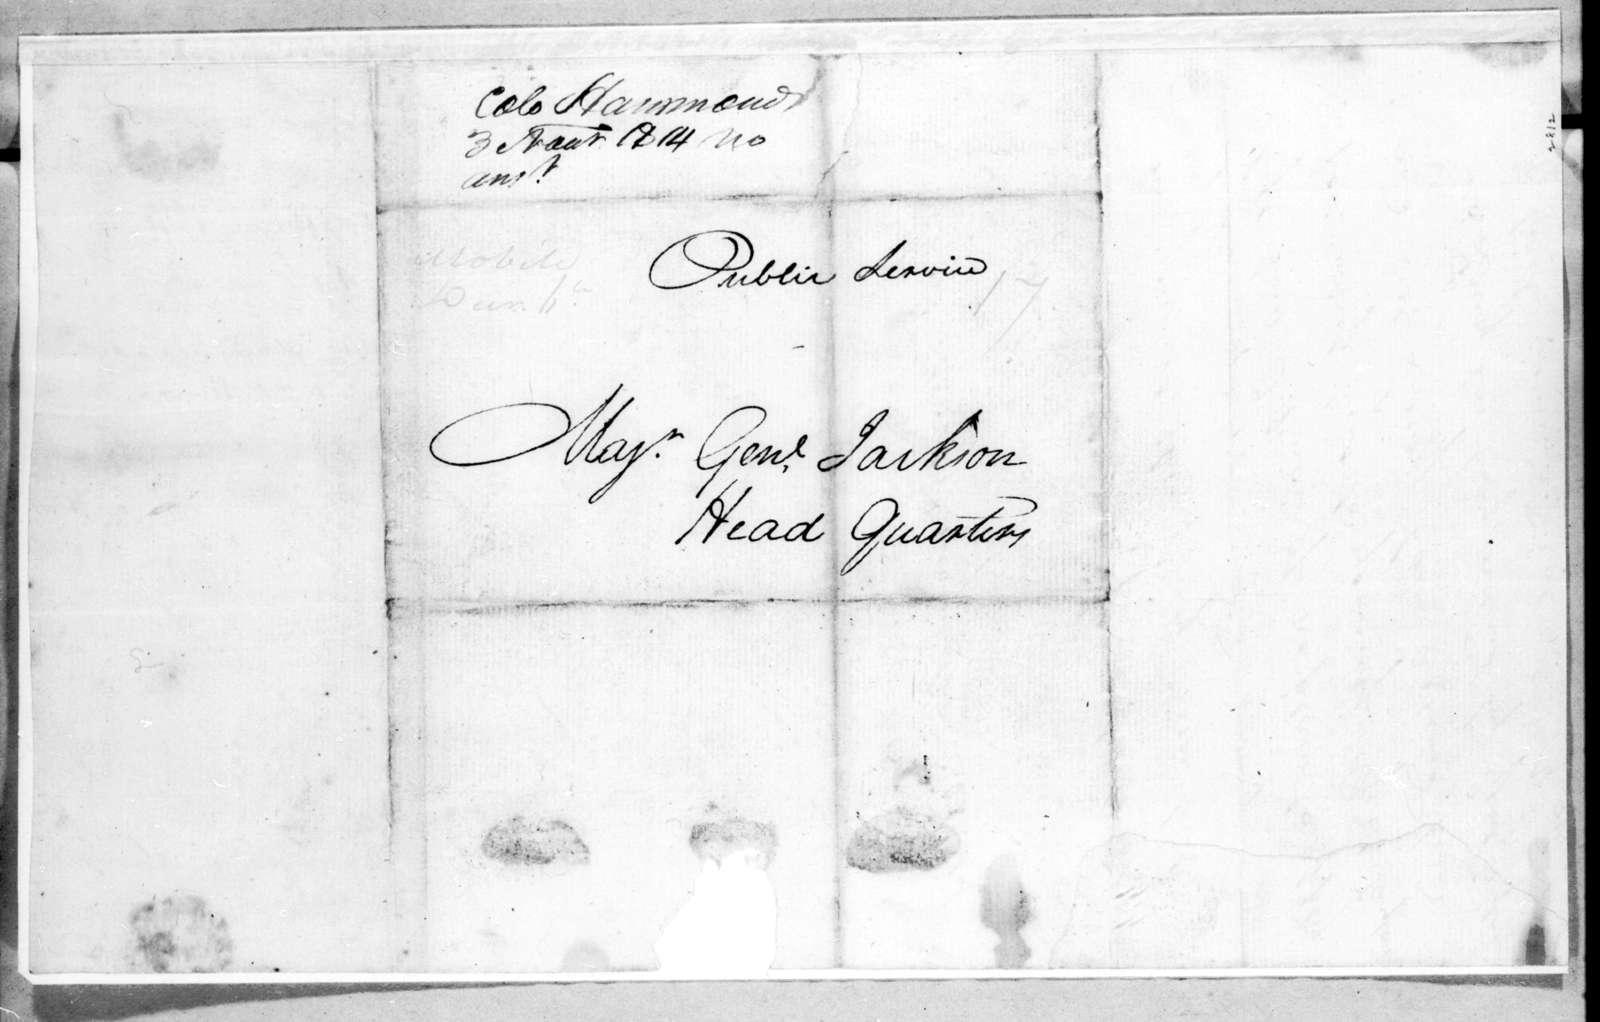 Leroy Hammons to Andrew Jackson, November 30, 1814